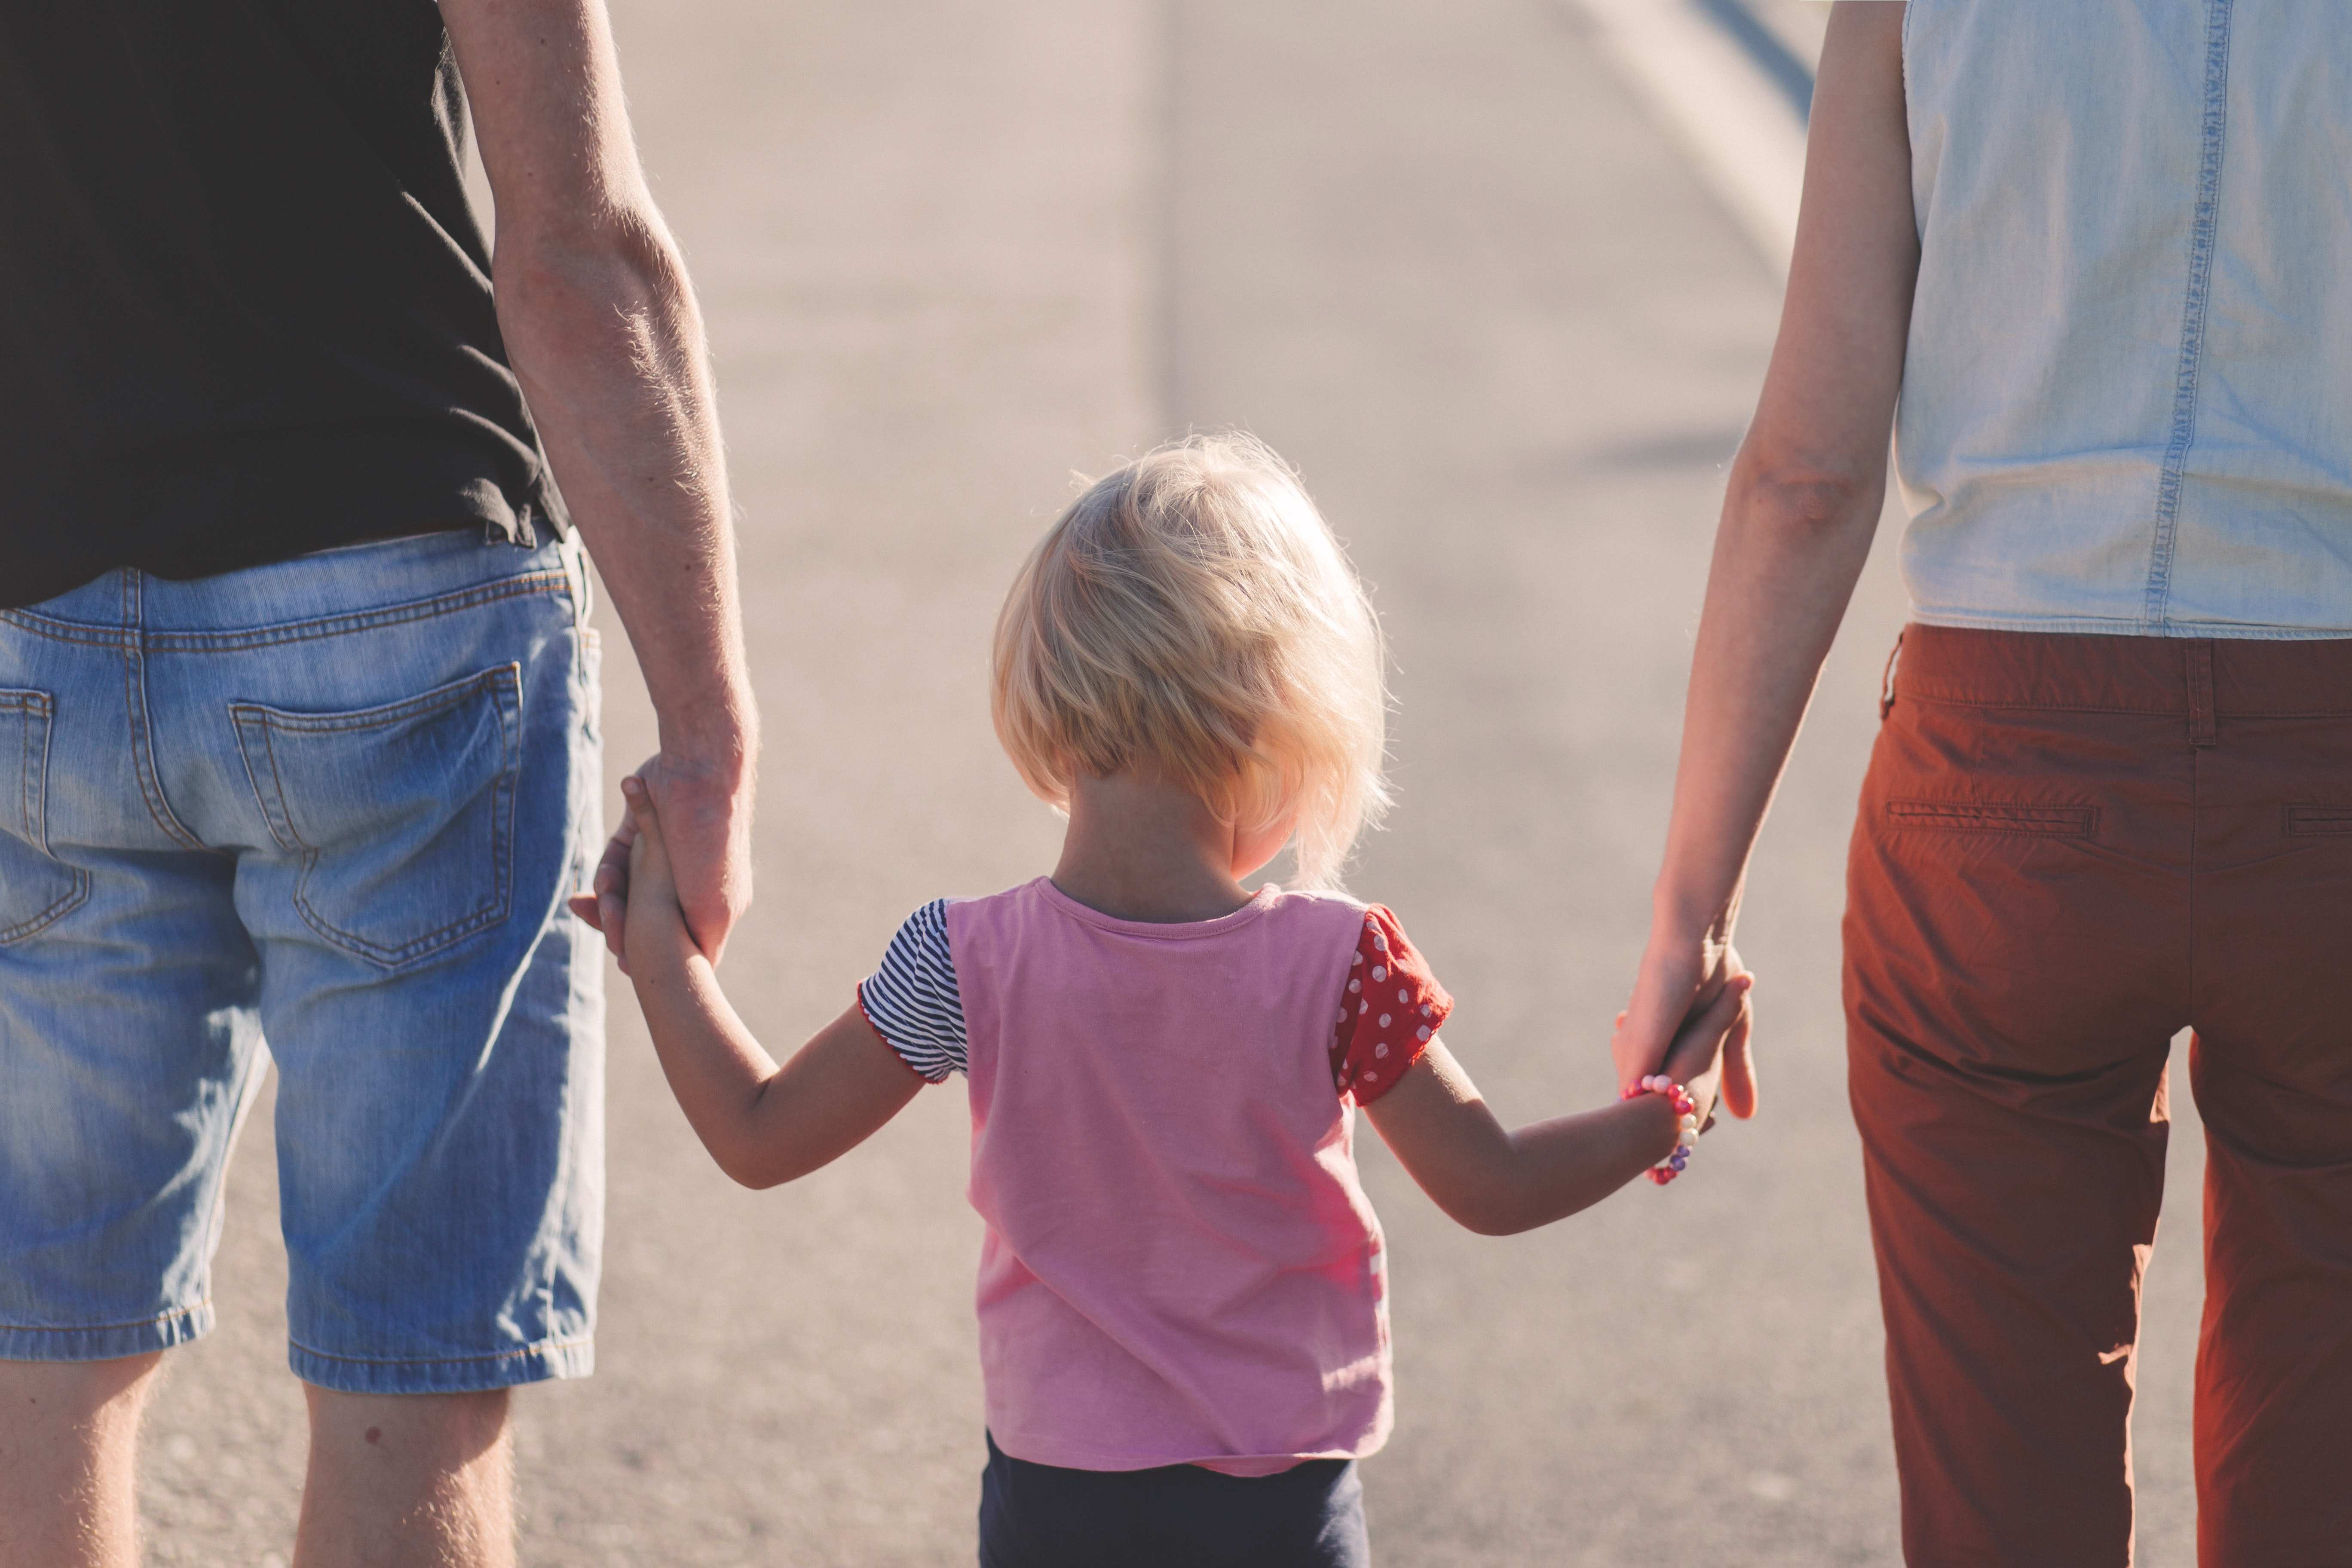 Familienpsychologische Gutachten Muster Ablauf Ablehnen Kind Recht Familienpsychologische Gutachten Problematische Expertise Kind Und Recht